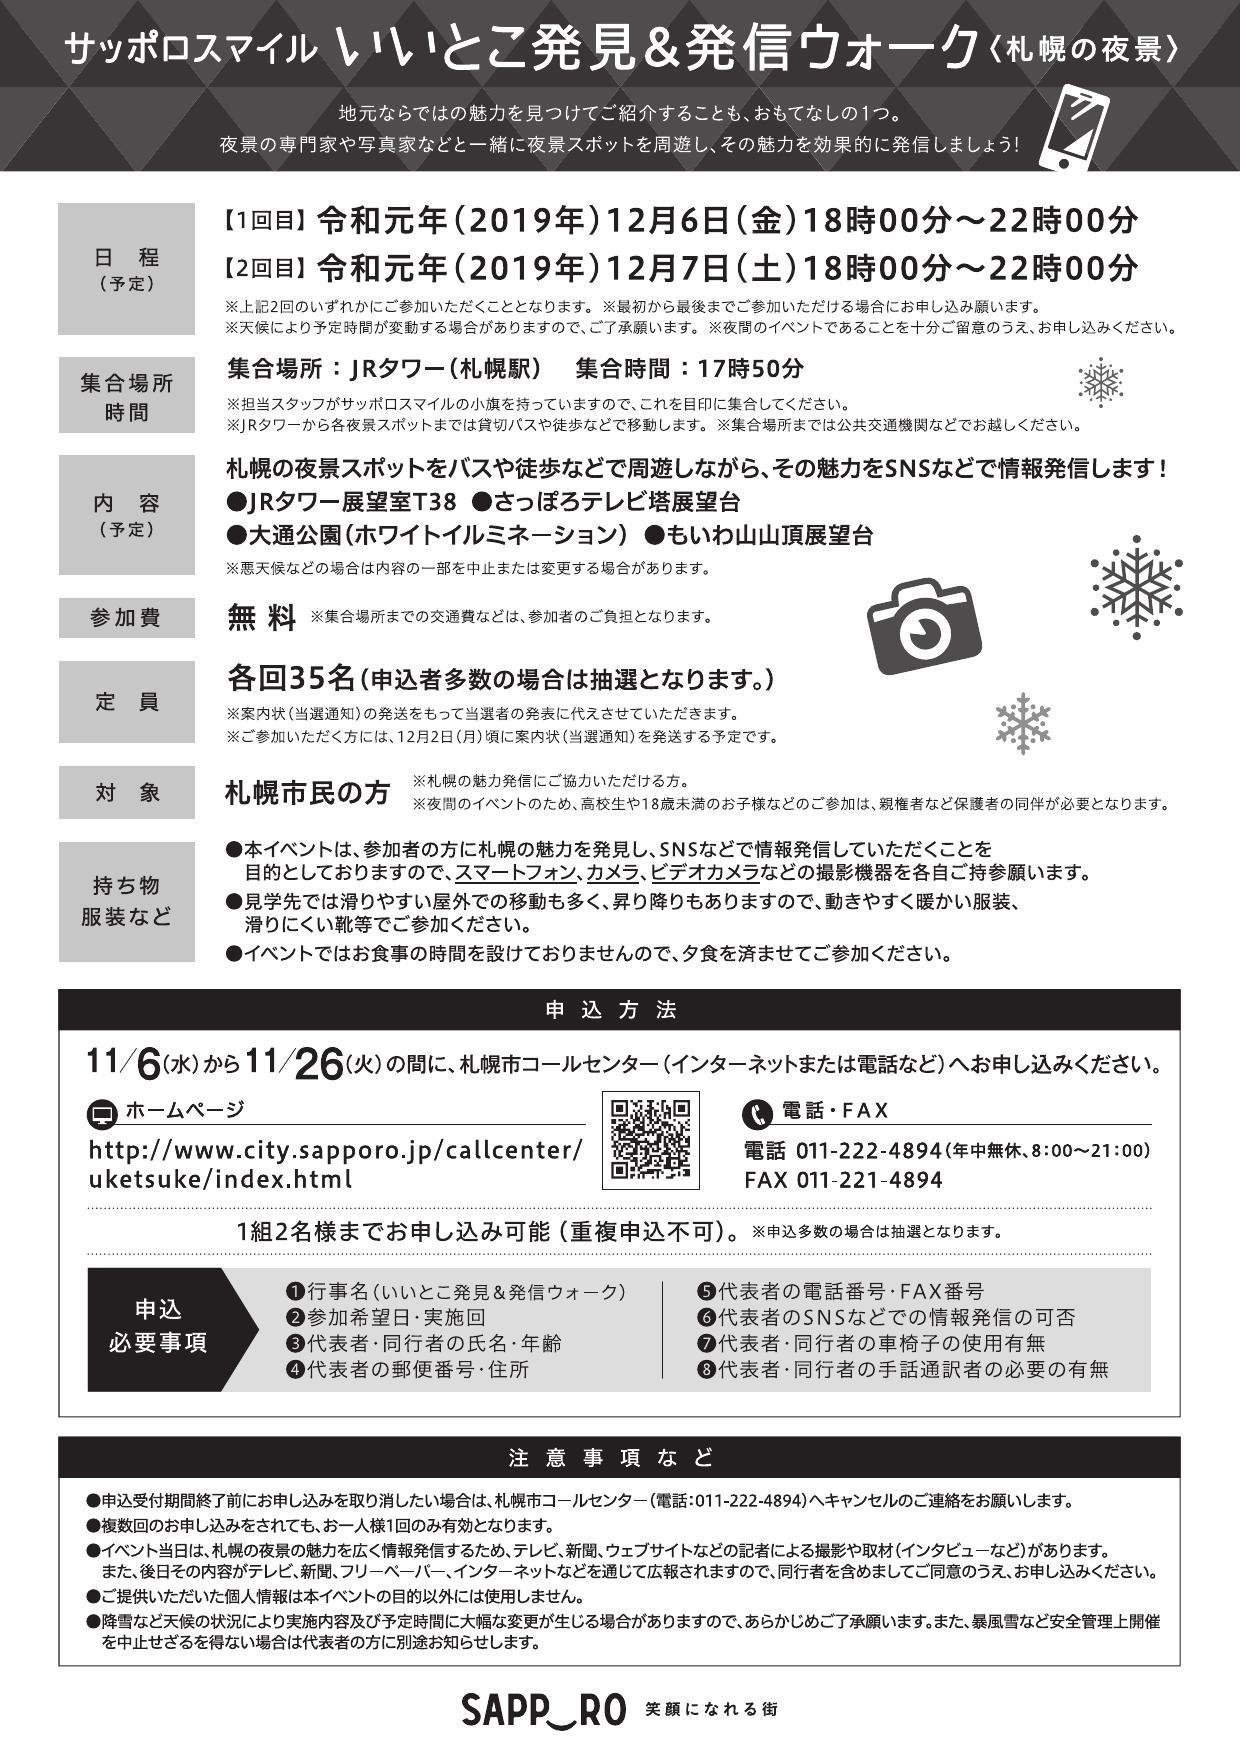 201910繧オ繝・・繧壹Ο繧ケ繝槭う繝ォ繝・い繝シA4繧ヲ繝ゥol_000001